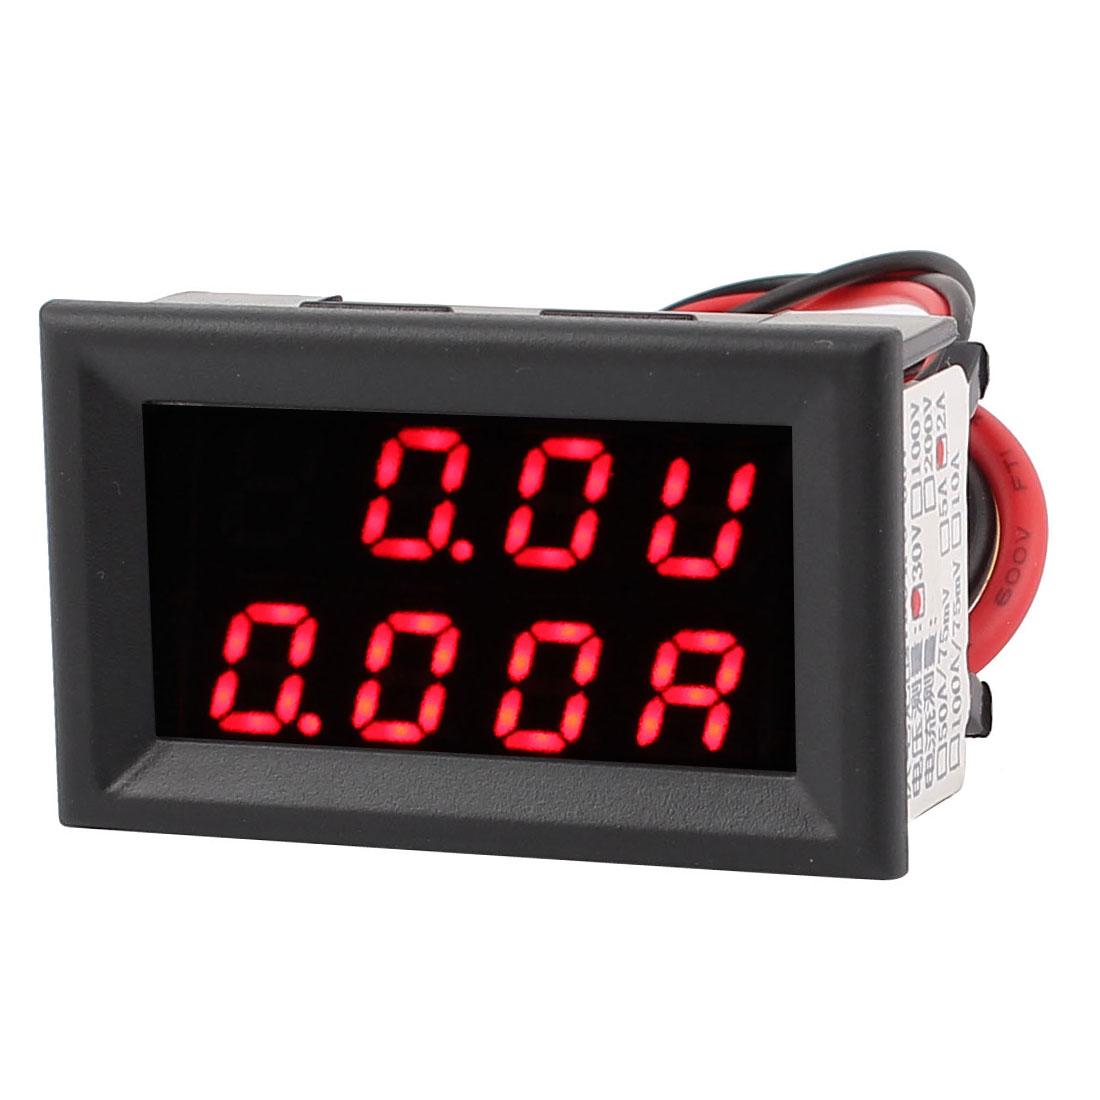 DC 0-30V 0-2A Red Red LED Dual Digital Display Panel Voltmeter Ammeter Meter